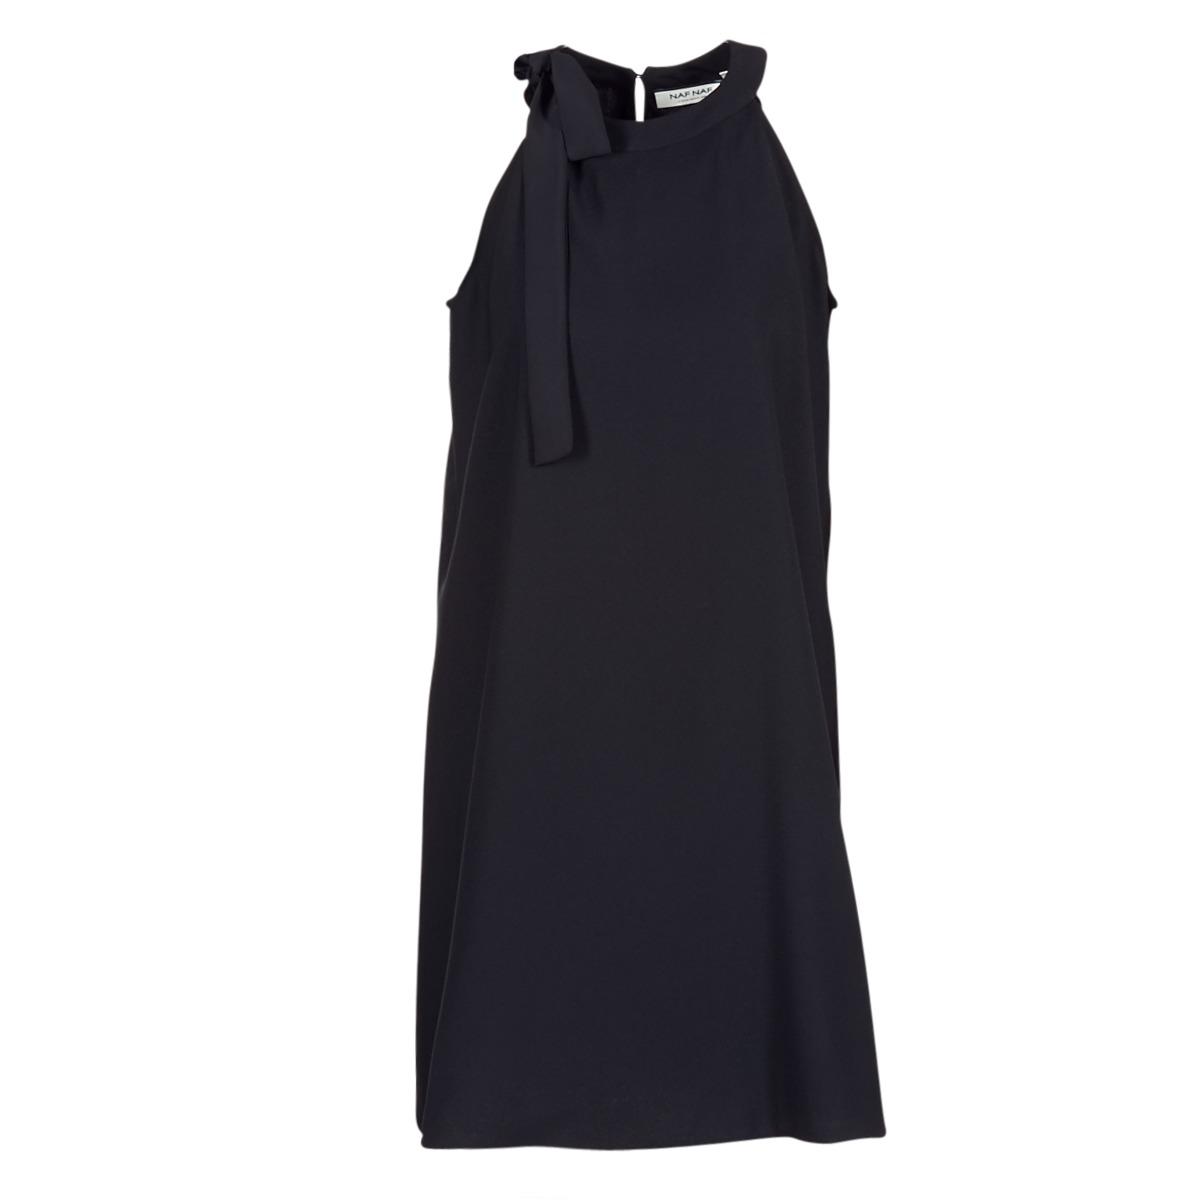 Naf Naf LOISEL Noir - Livraison Gratuite avec Spartoo.com ! - Vêtements  Robes courtes Femme 39,99 €